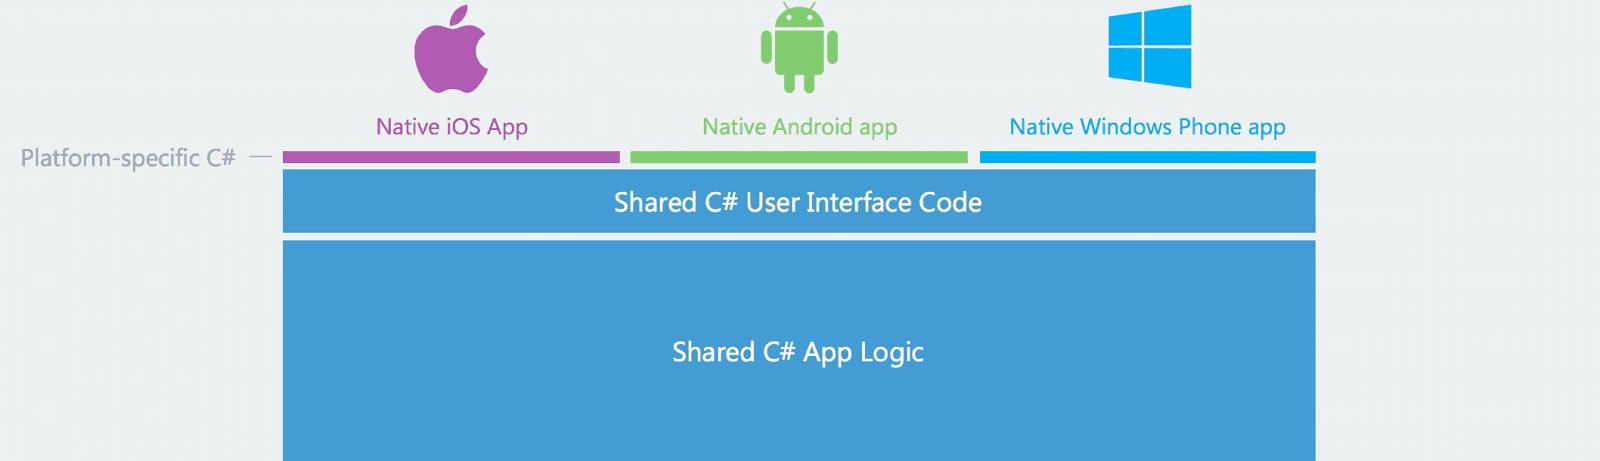 Xamarin Apple Android Windows